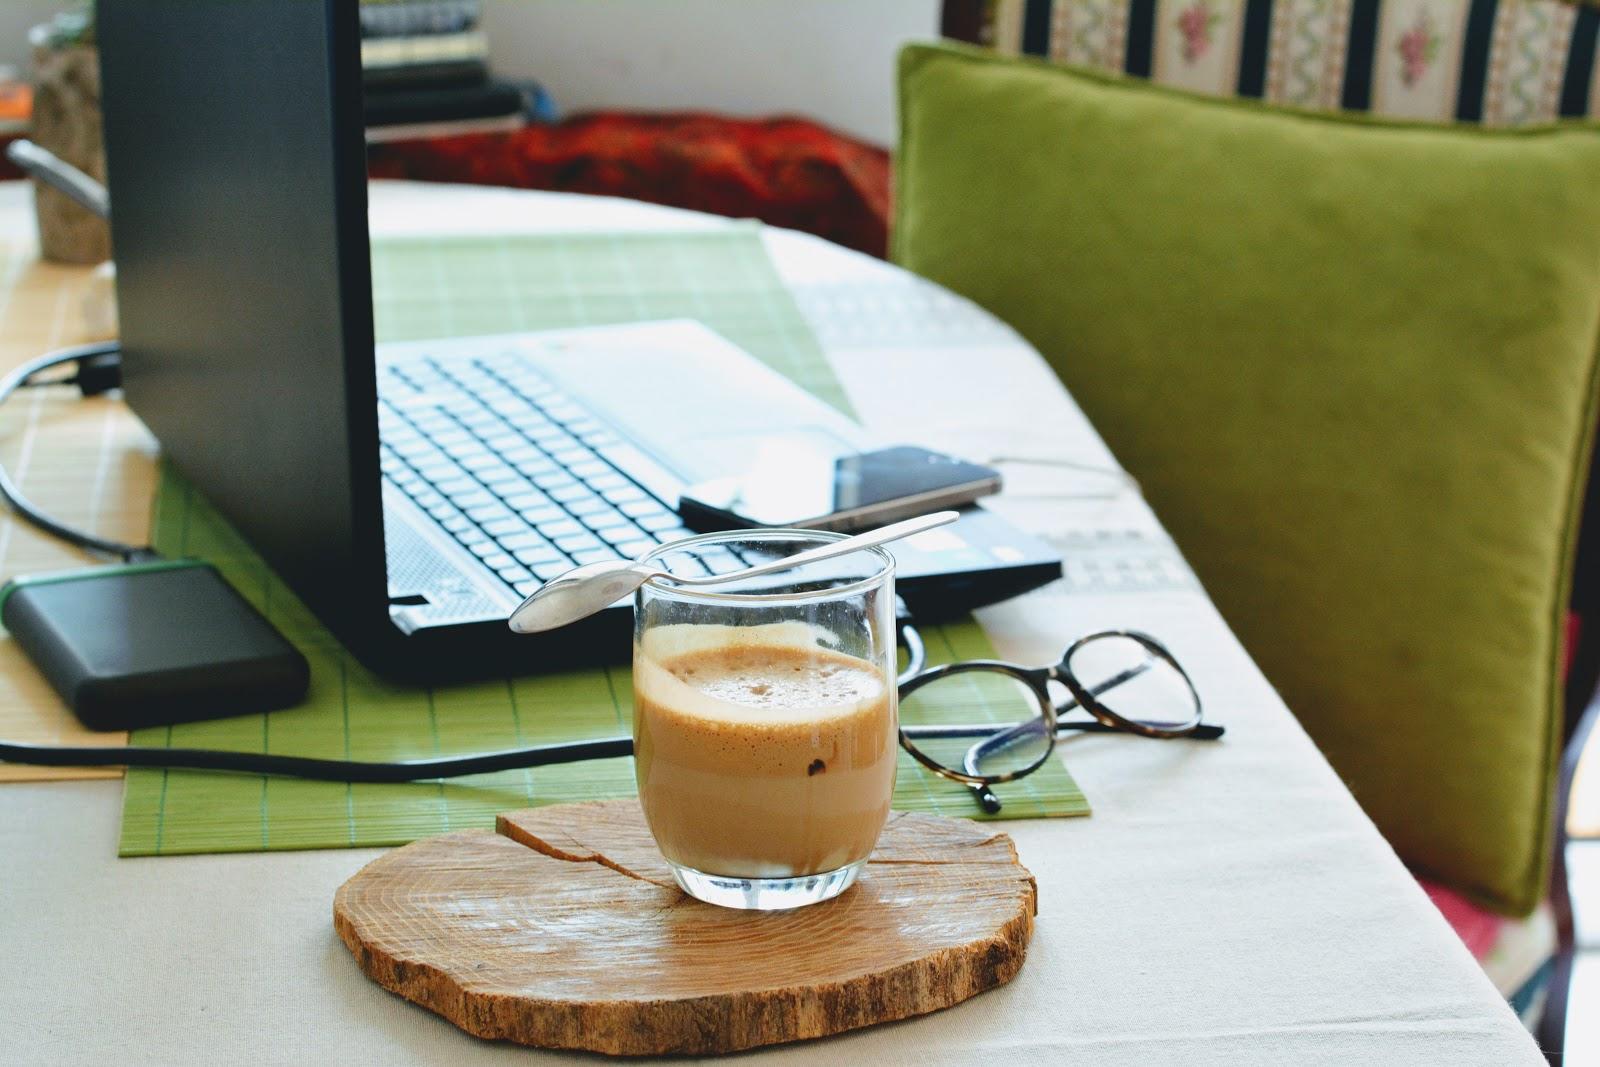 A home office setup. Photo by Djurdjica Boskovic on Unsplash